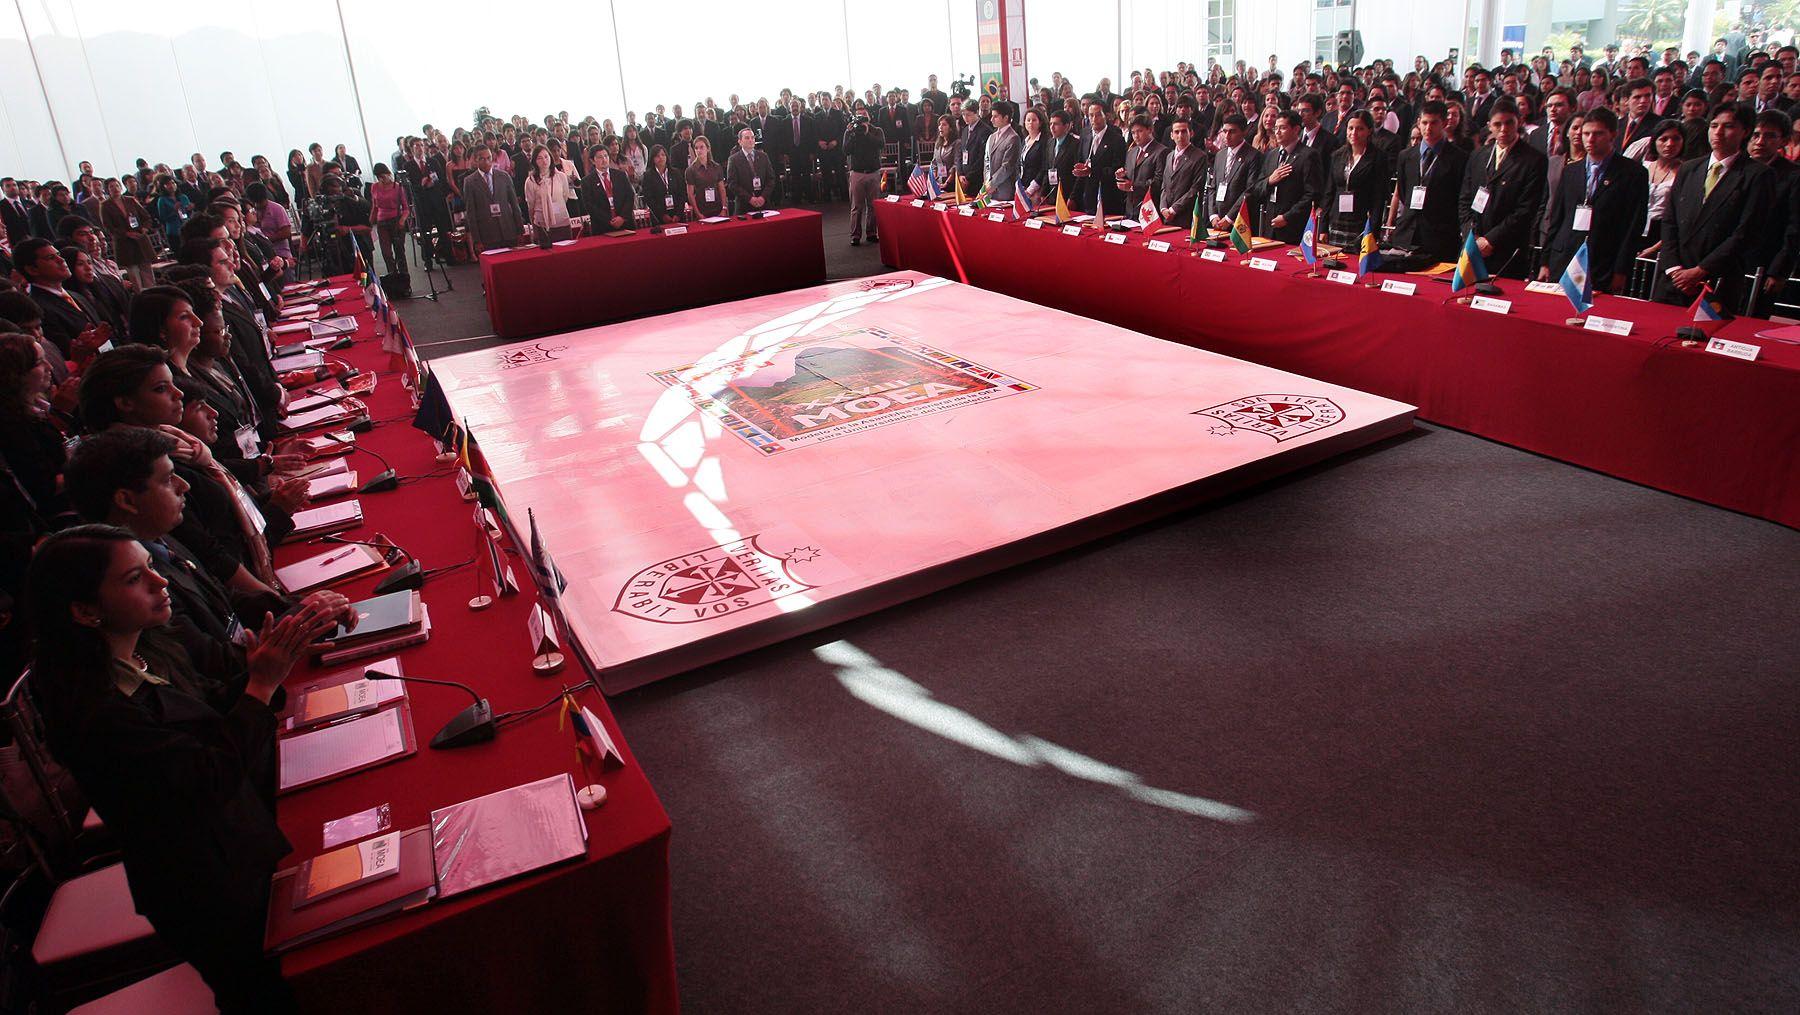 Inauguración del 28 Modelo de la Asamblea General de la Organización de Estados Americanos (MOEA), Foto: ANDINA/Carlos Lezama